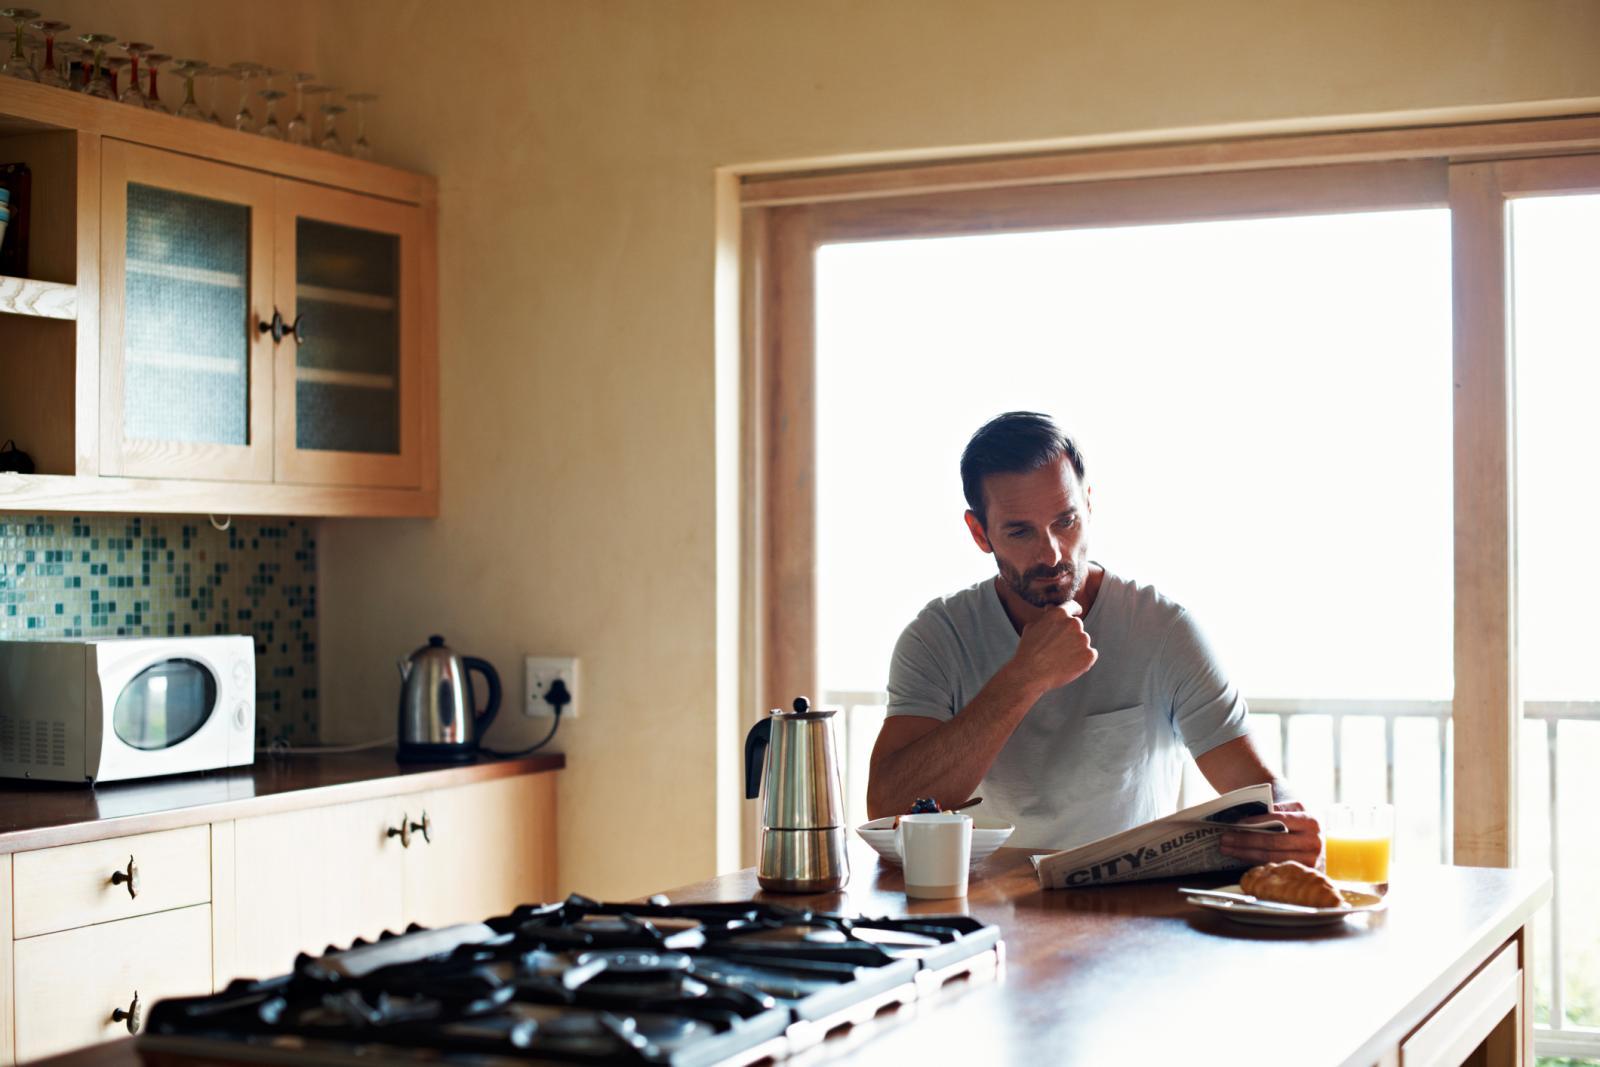 Po doručku se dan poznaje, po večeri noć pa osigurajmo kvalitetno gorivo za uspješan dan i smirujuću večeru za ugodan san.